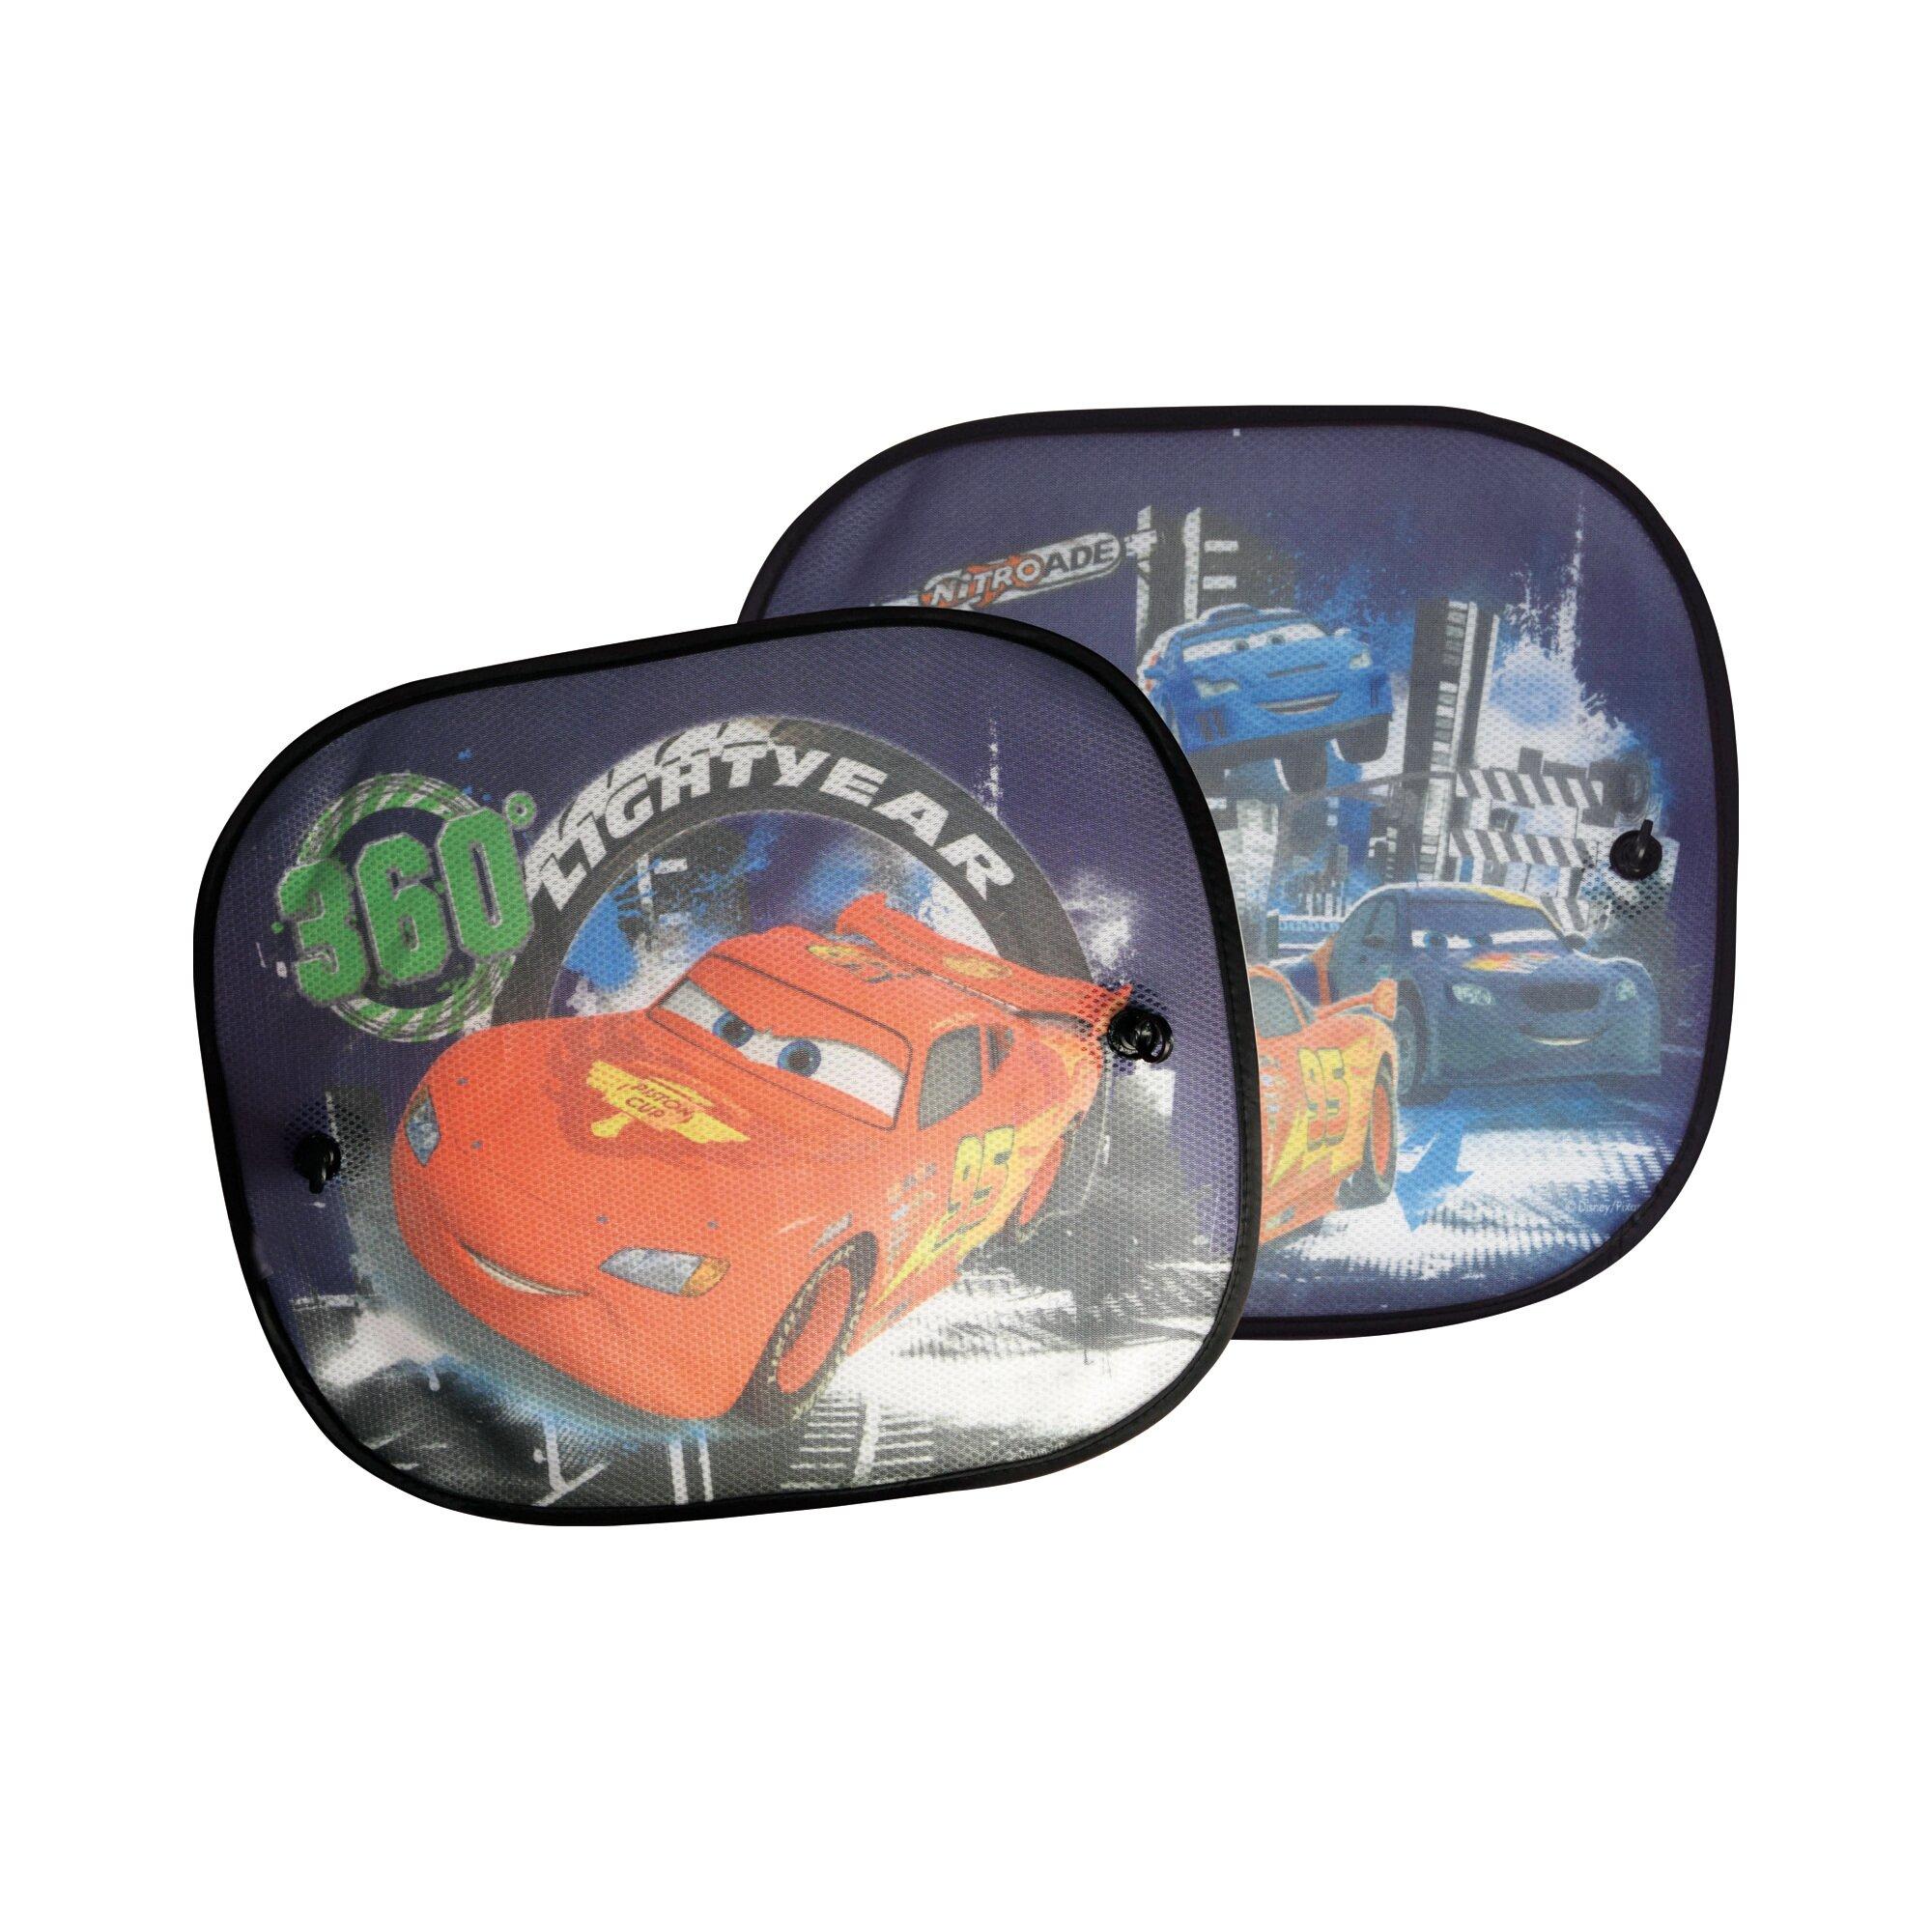 Disney Cars Auto-Sonnenschutz mit UV-Schutz blau